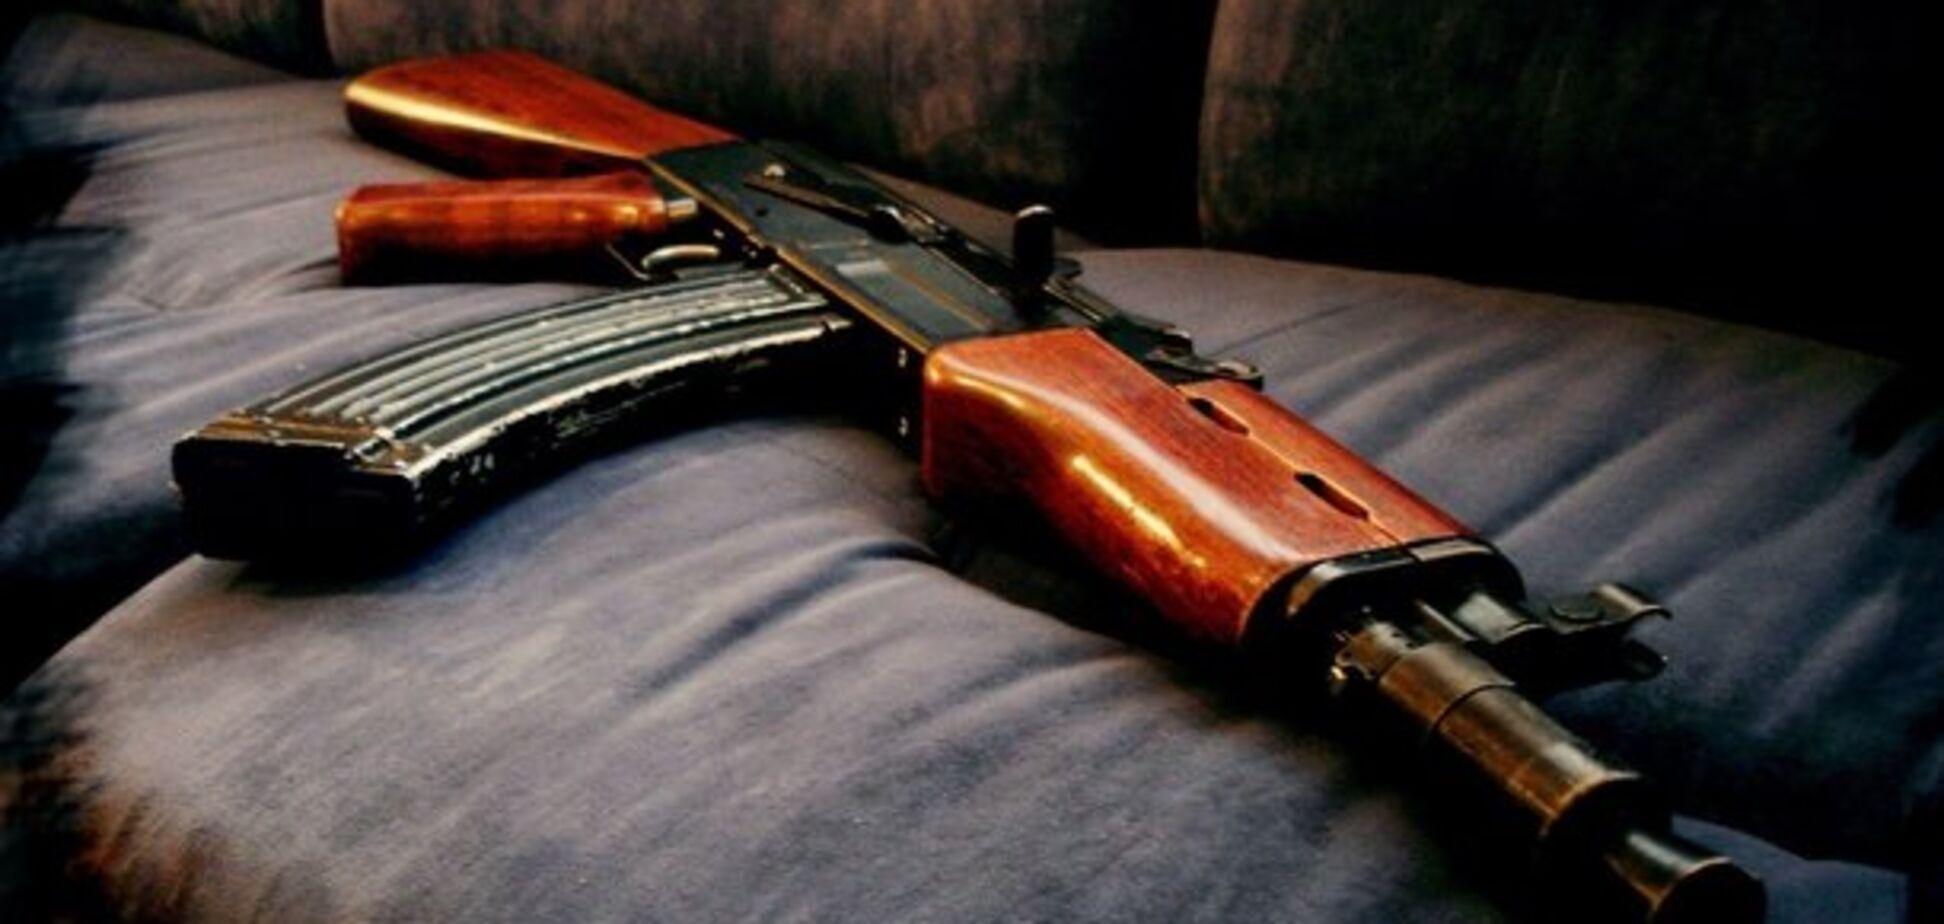 Пиар и киллеры: стали известны подробности расстрела депутата в Черкассах